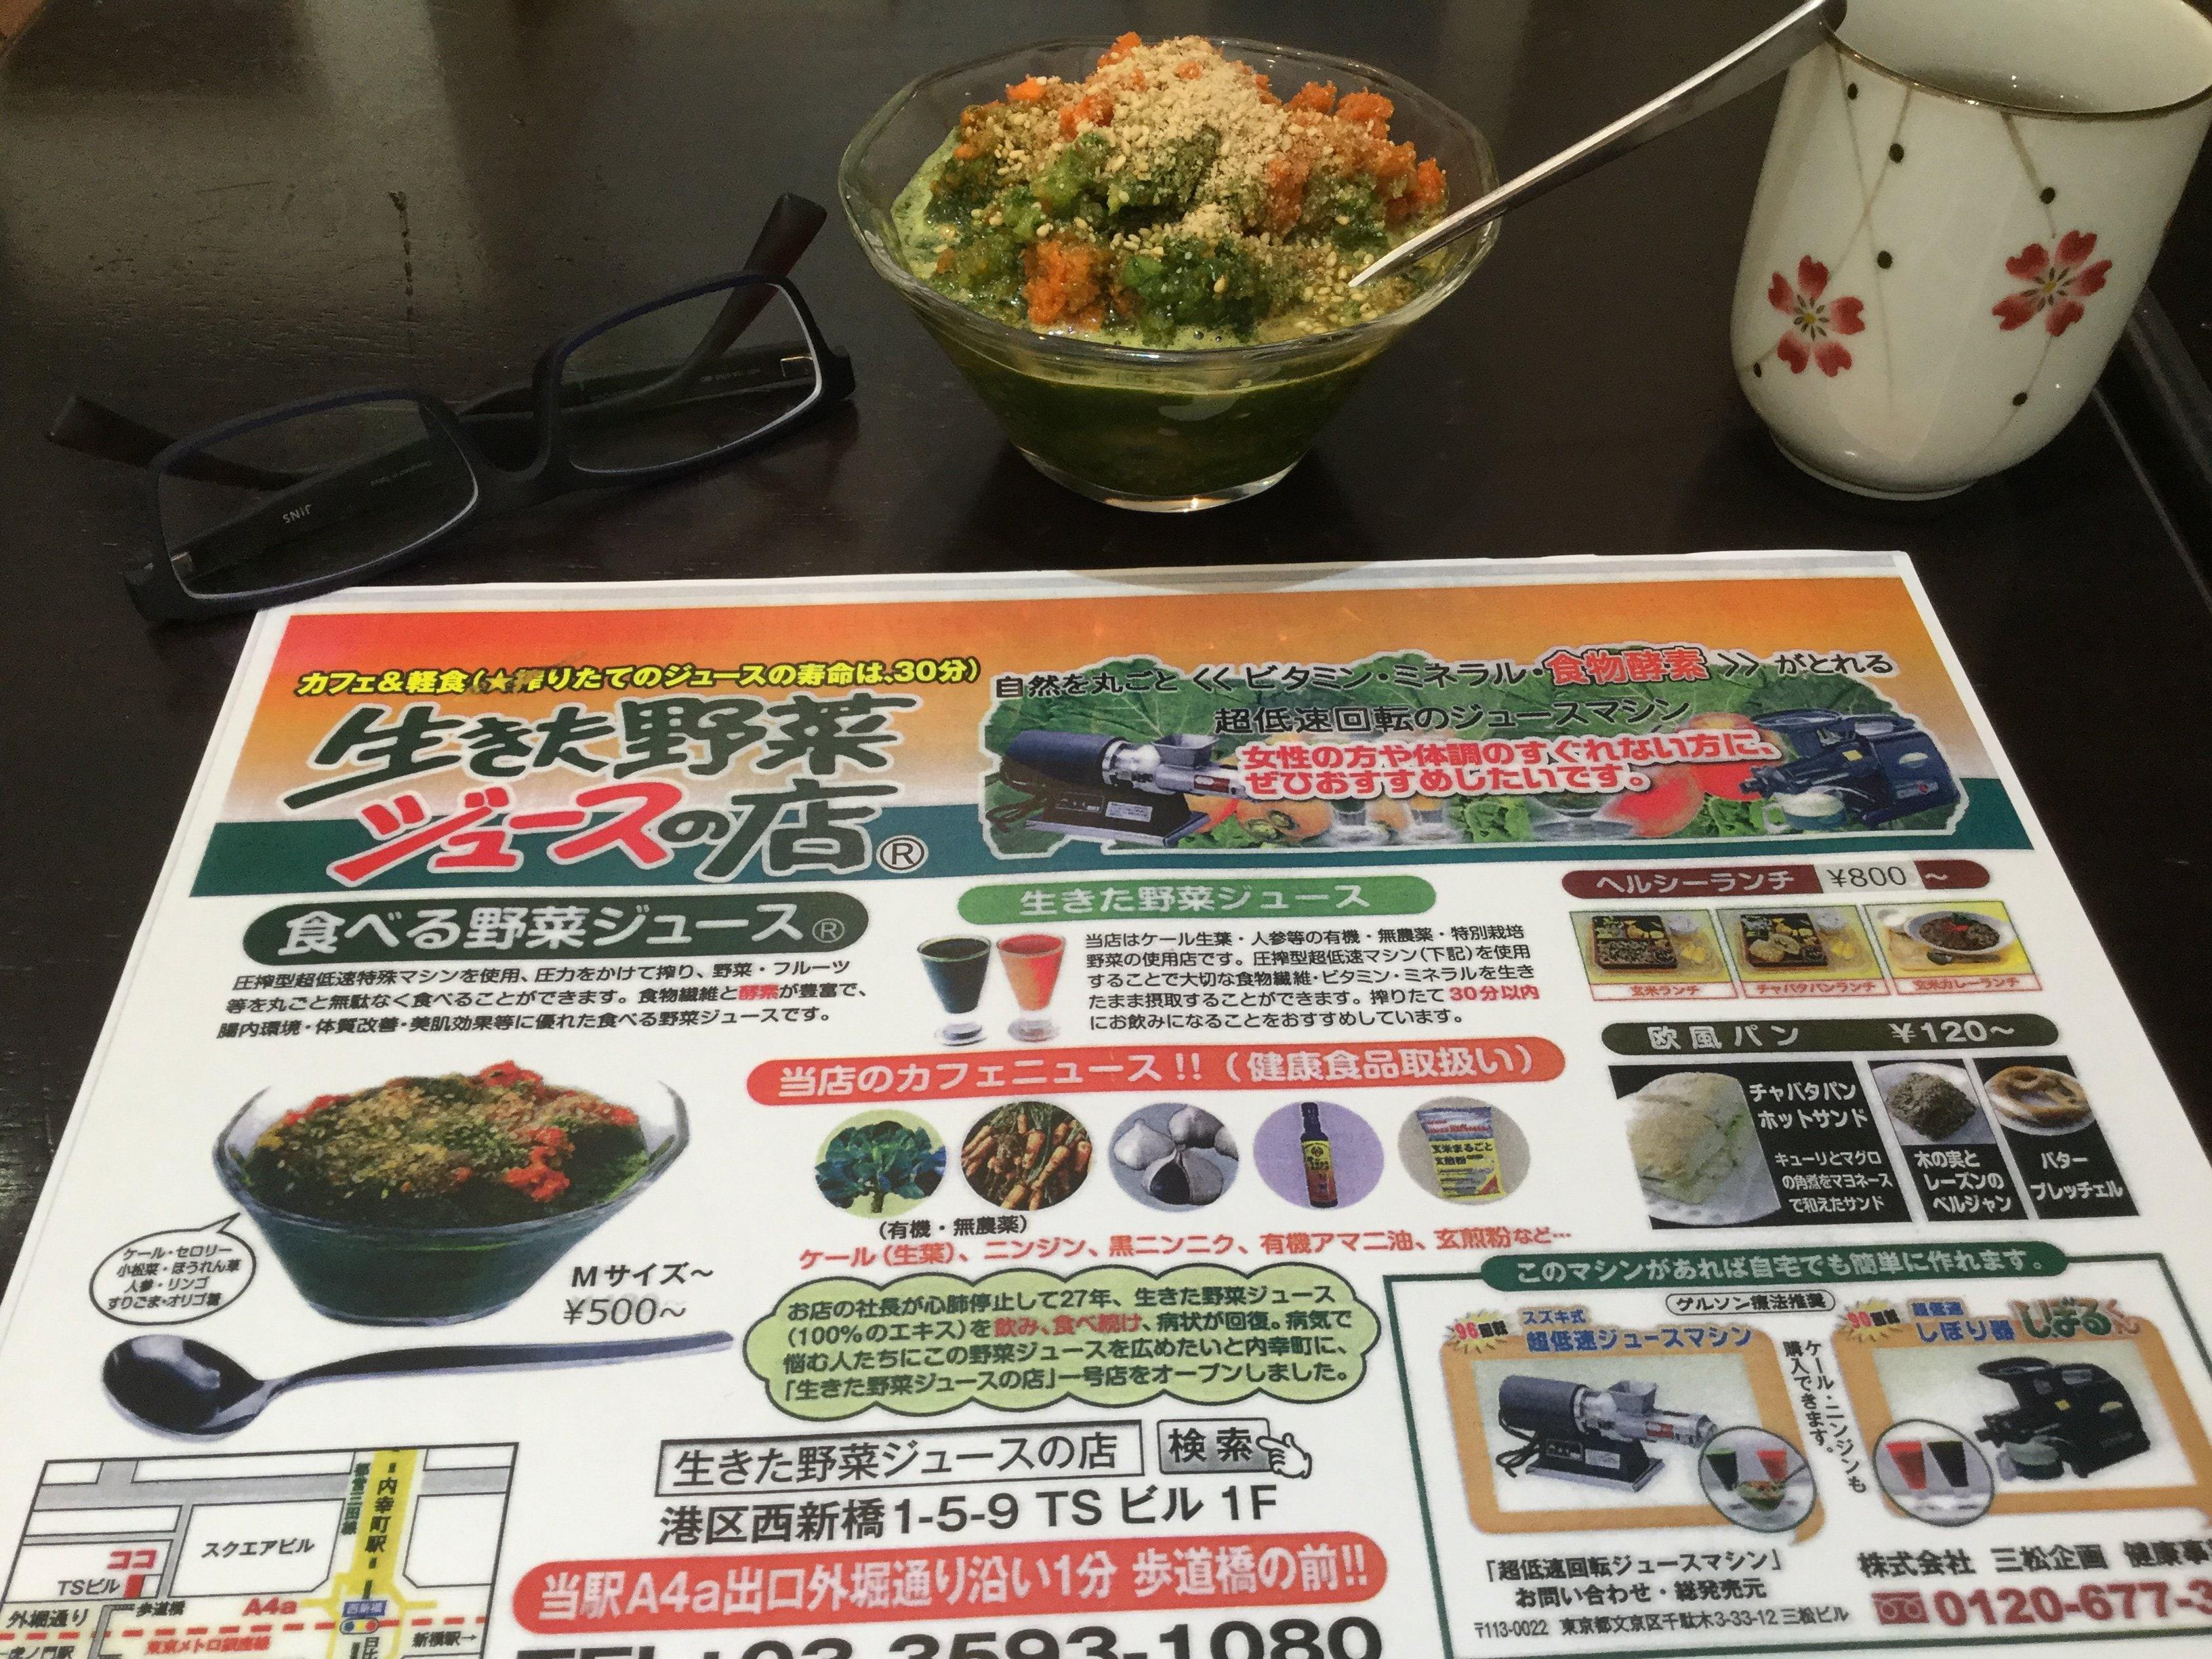 第1回 正しく明るい健康道!ファスティング スペシャルセミナー @生きた野菜ジュースの店 ウェブチケットのイメージその1